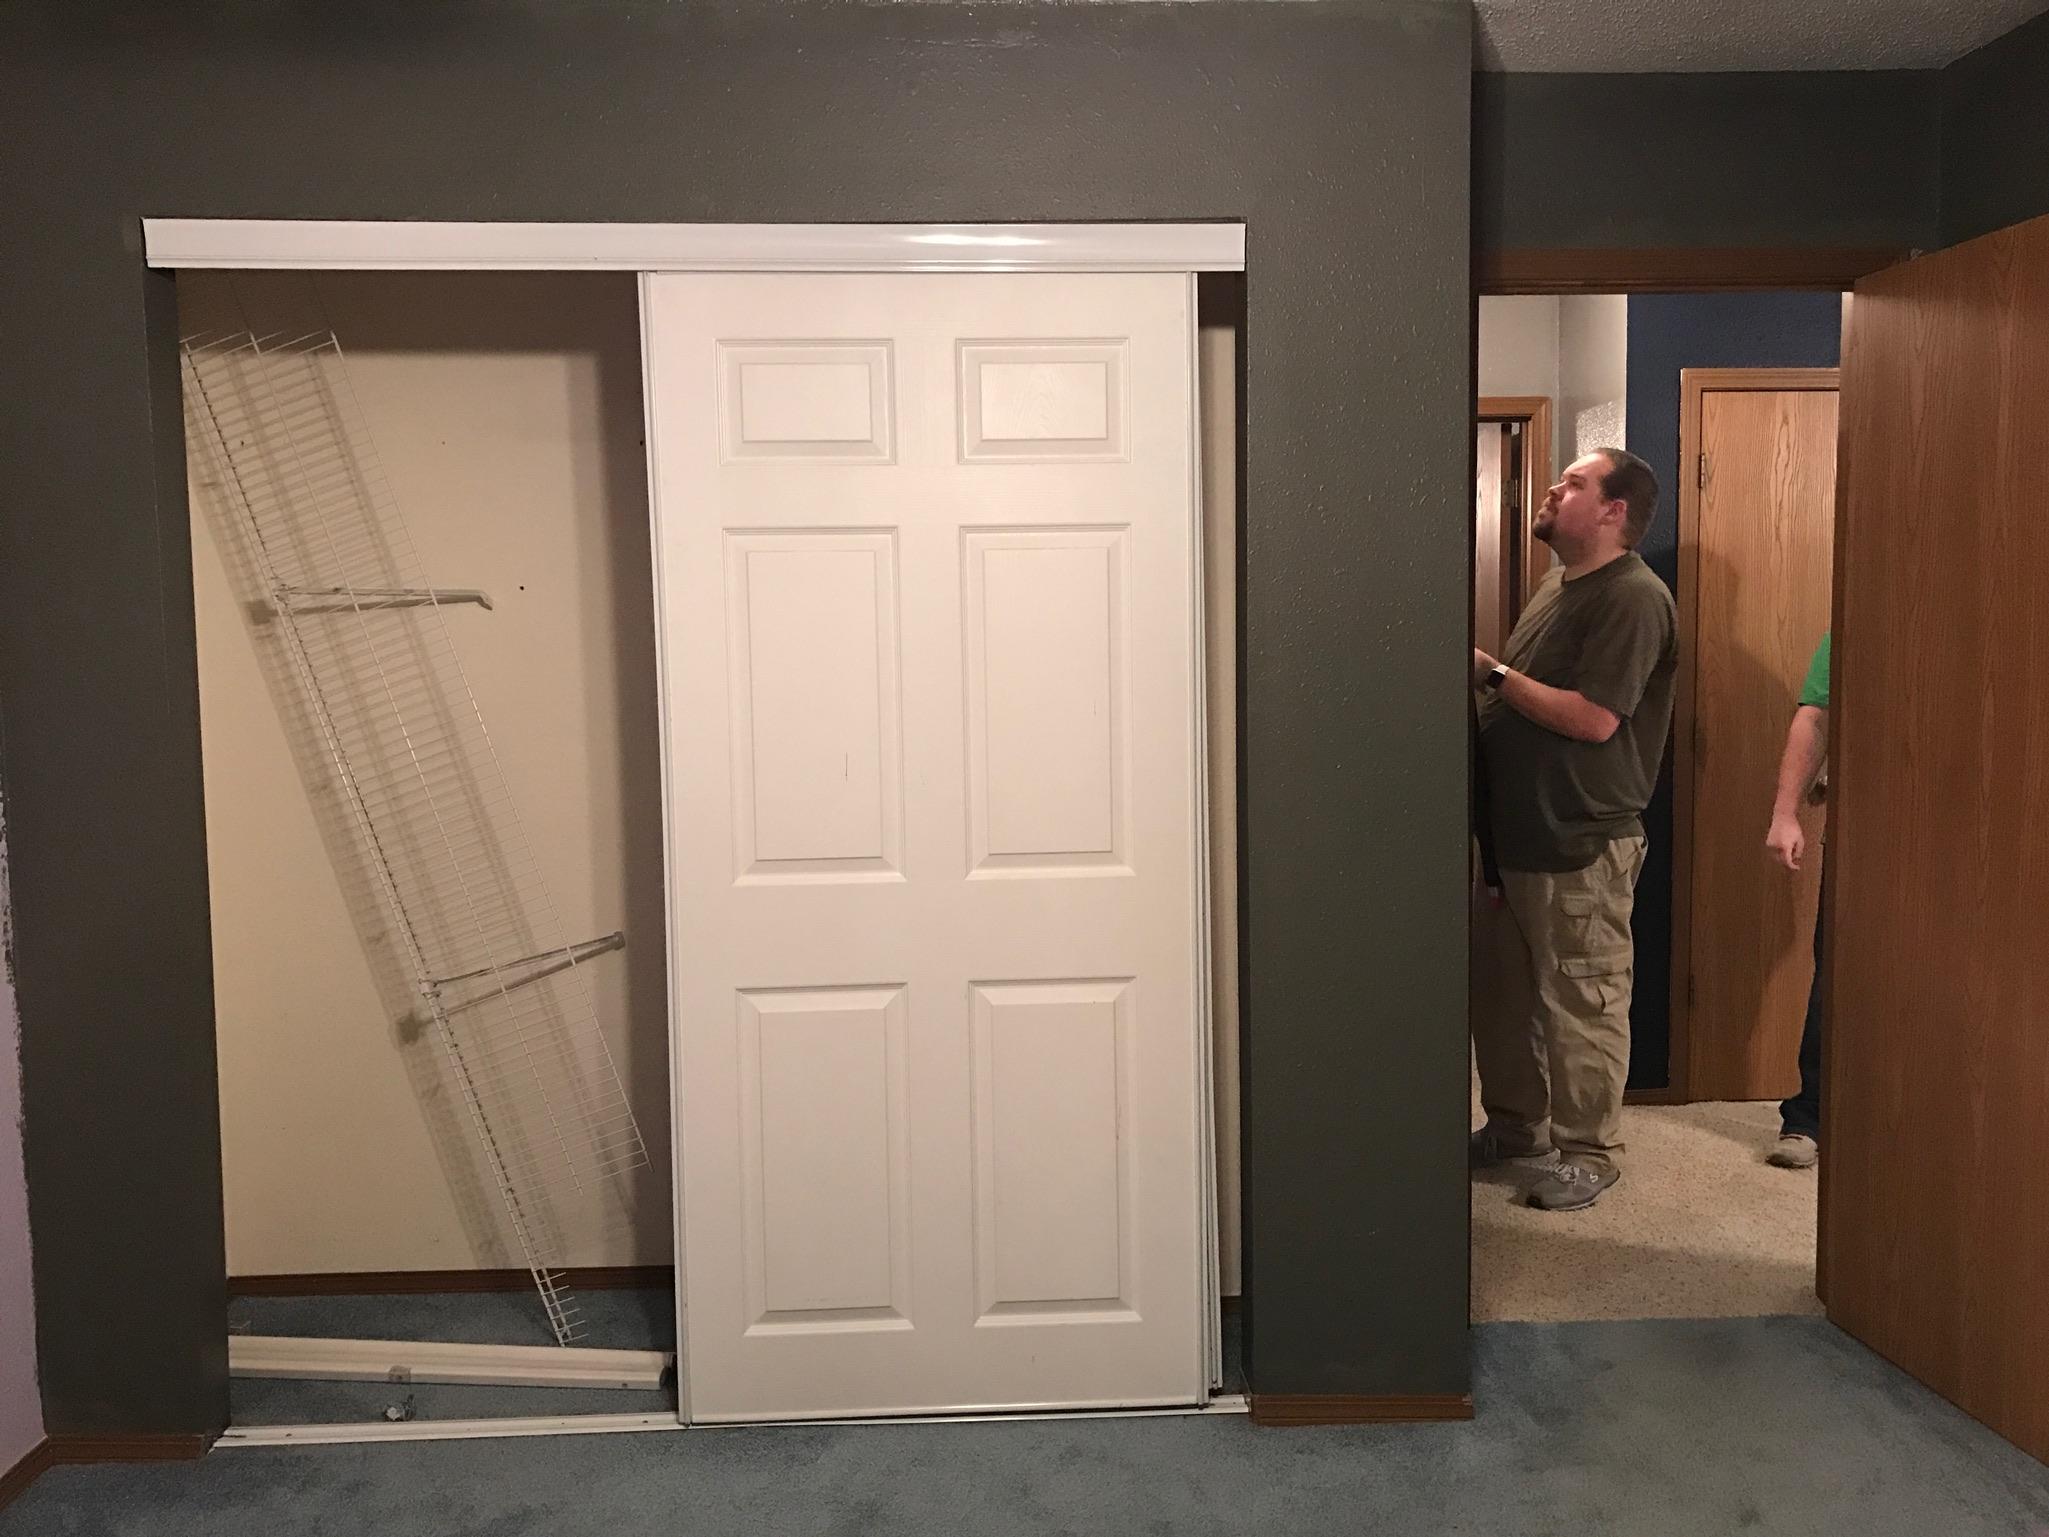 Missy_Robbs_GDP_Home_Office_Painting_2.JPG